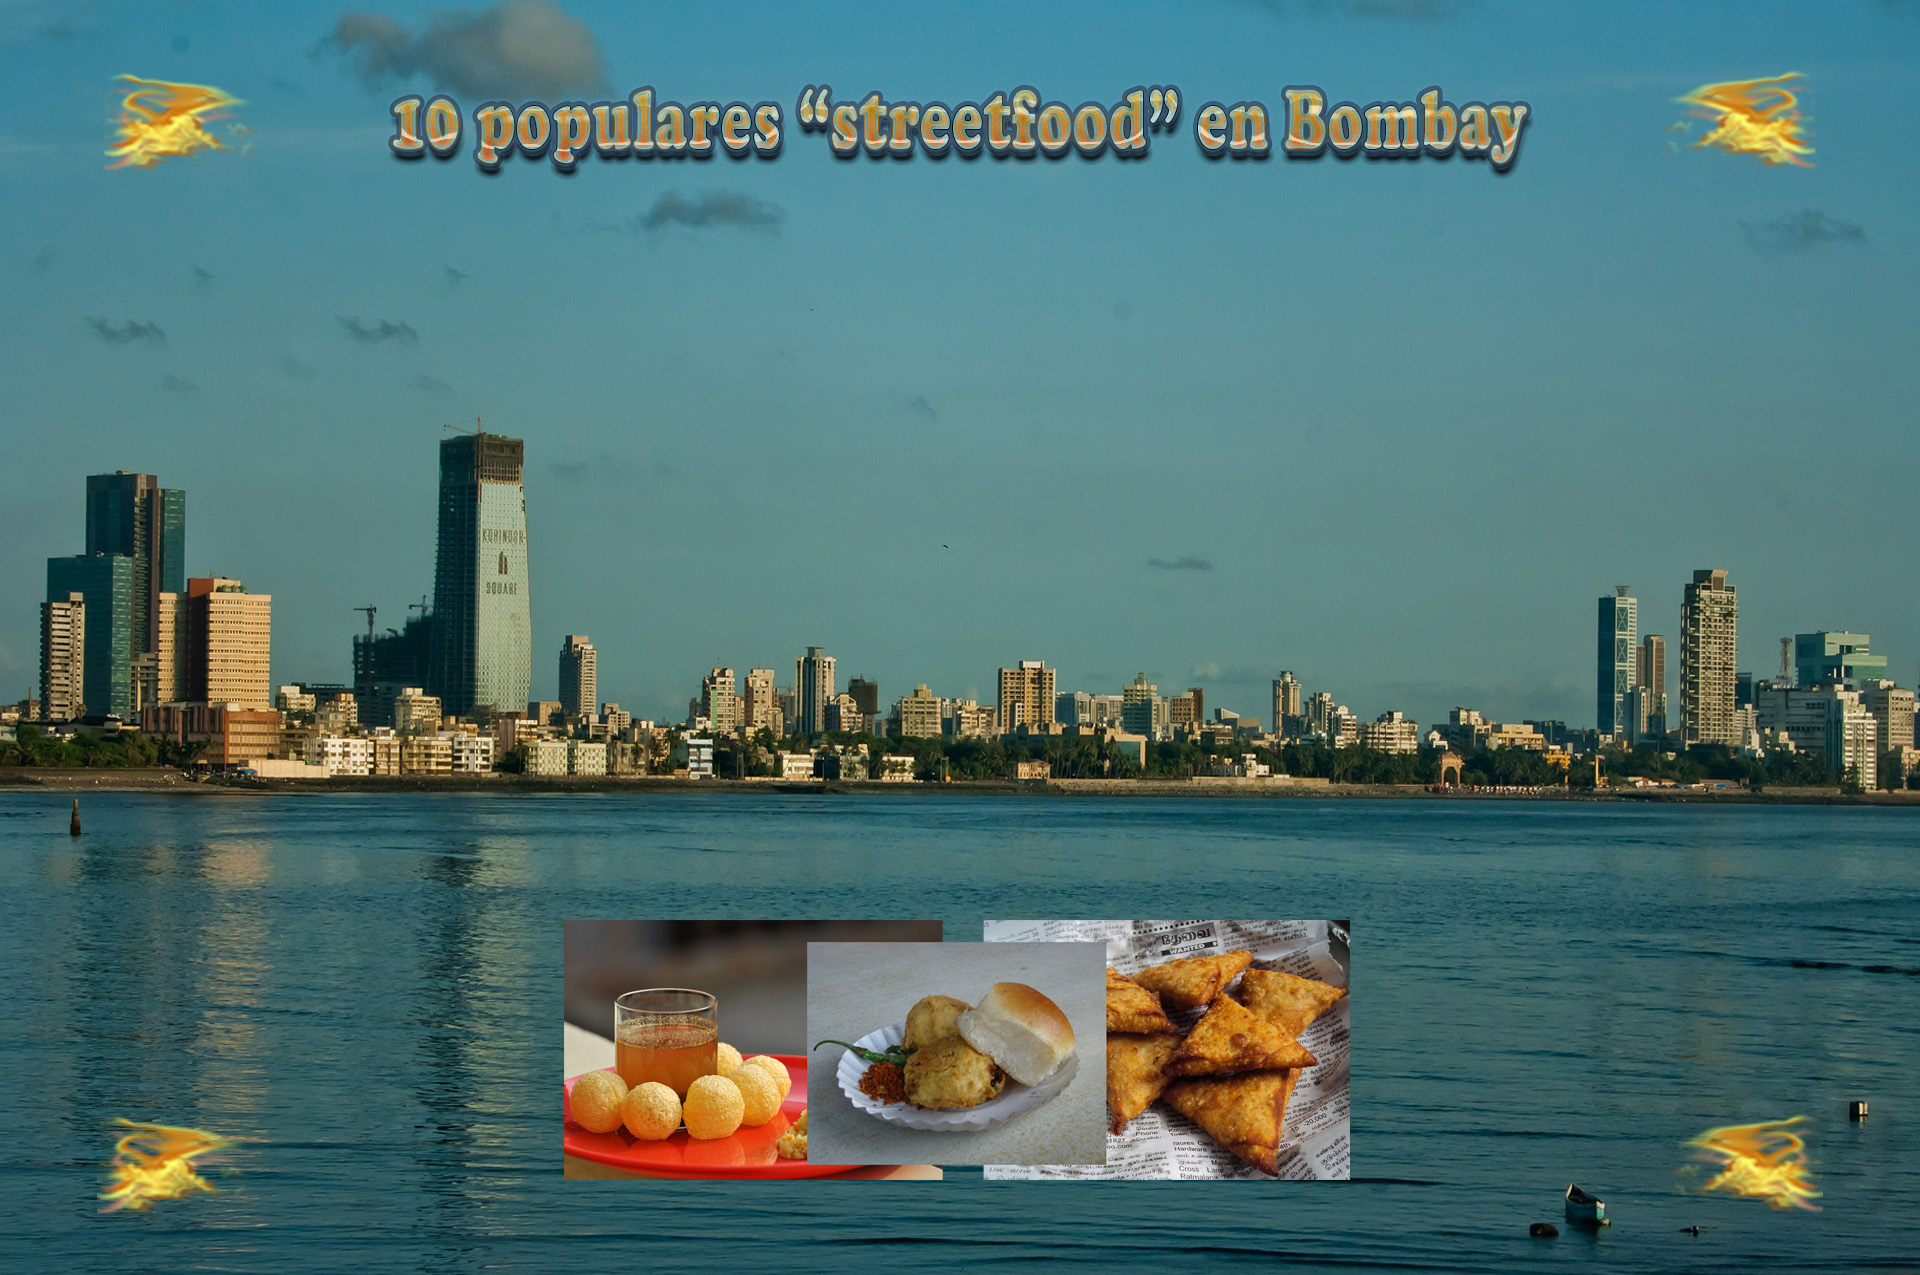 10 populares streetfood en Bombay